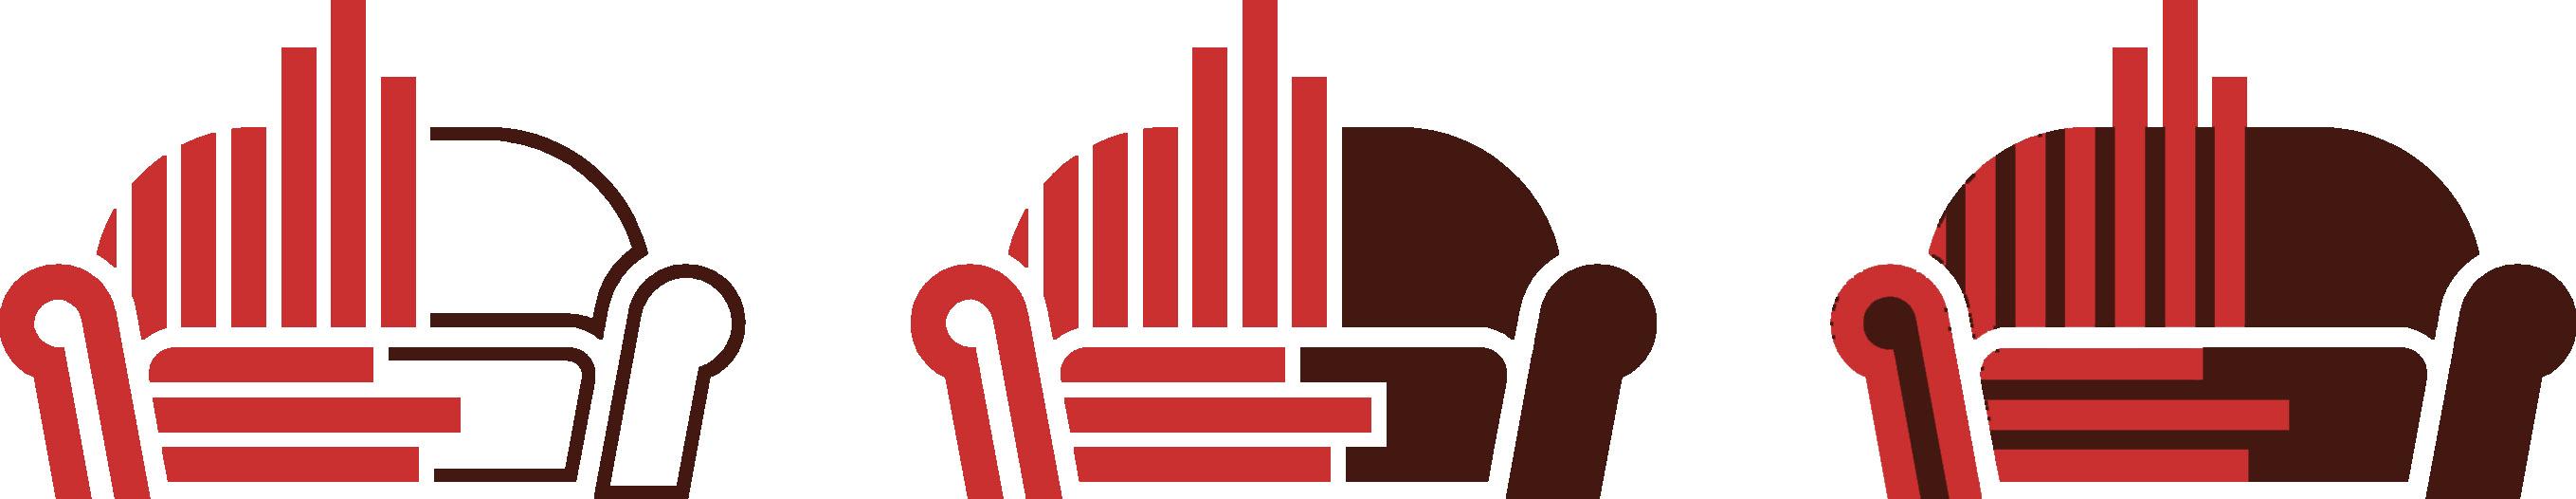 логотип и дизайн для билборда фото f_56754a05a666055d.jpg